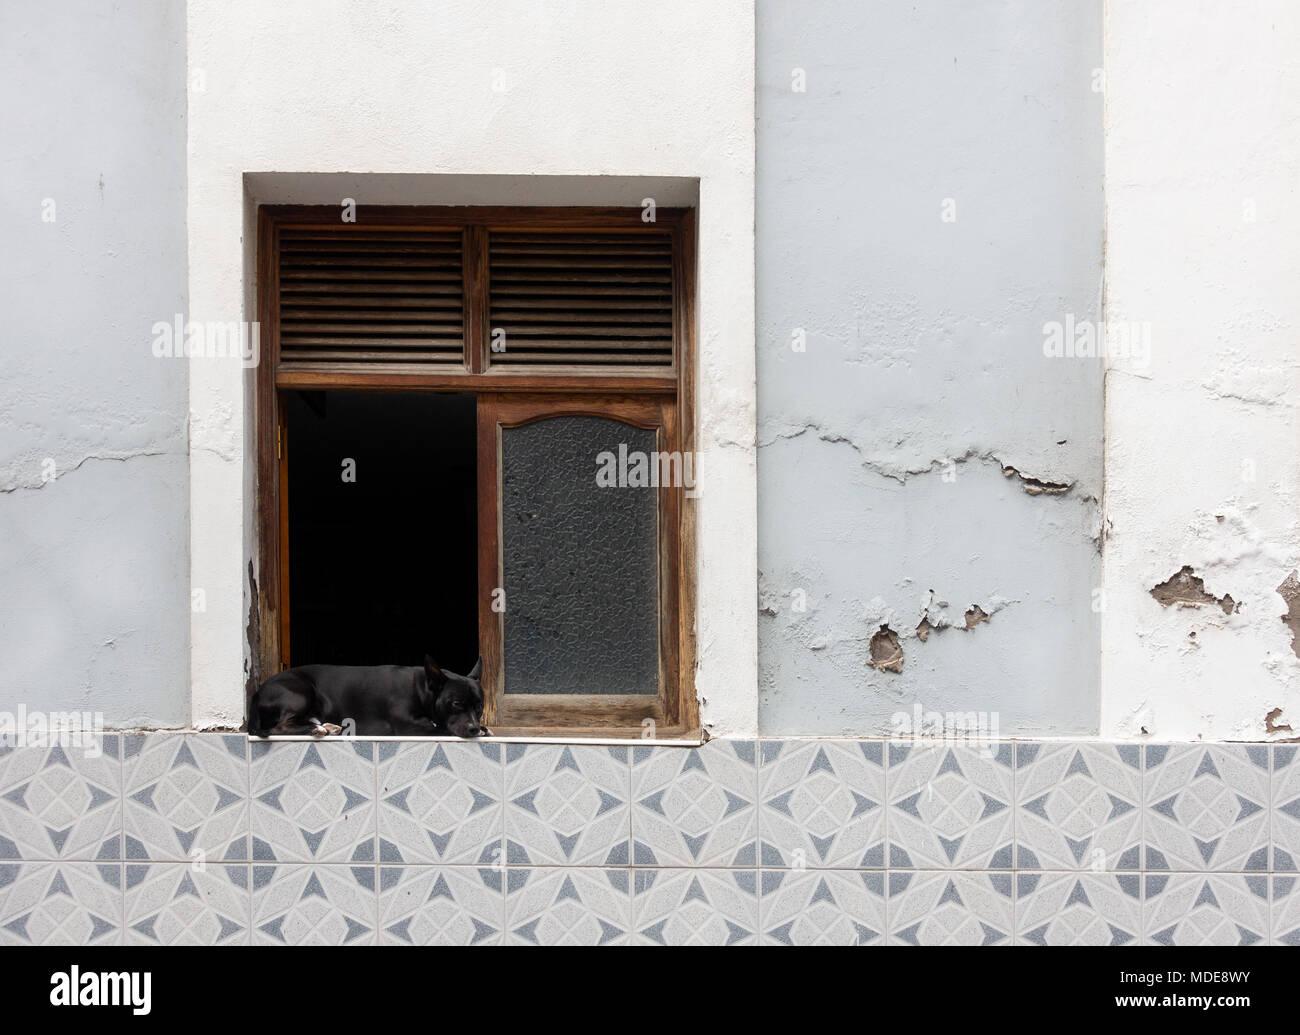 Dog sleeping outside open window - Stock Image